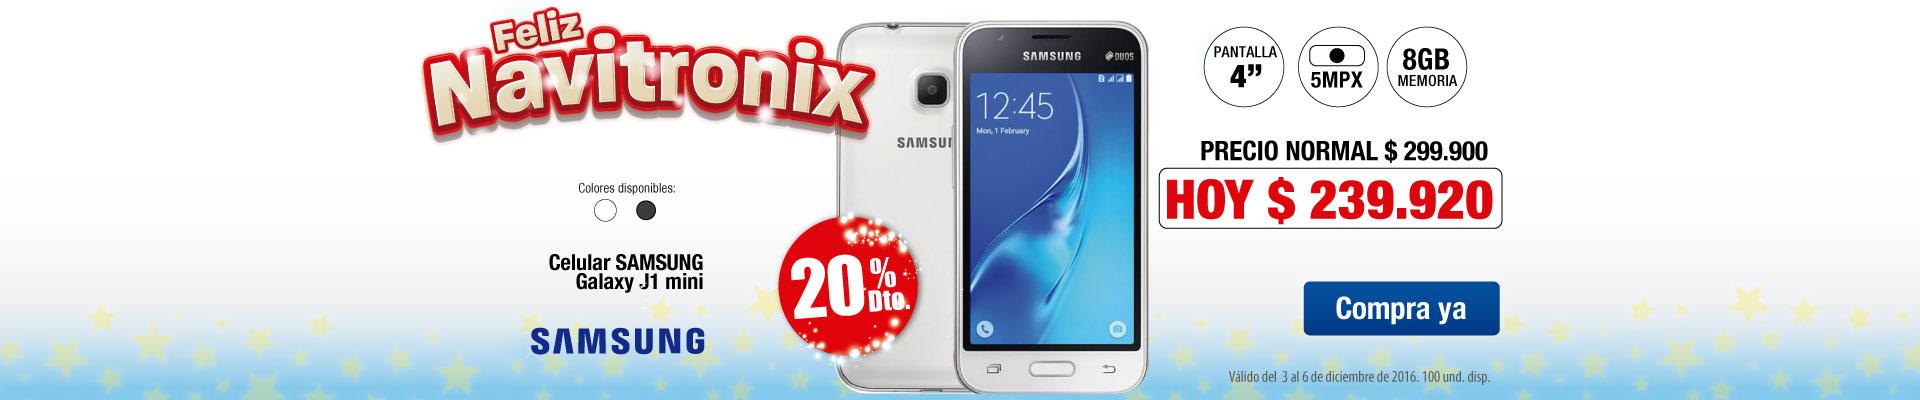 Celular Samsung Galaxy J1 mini - Ktx